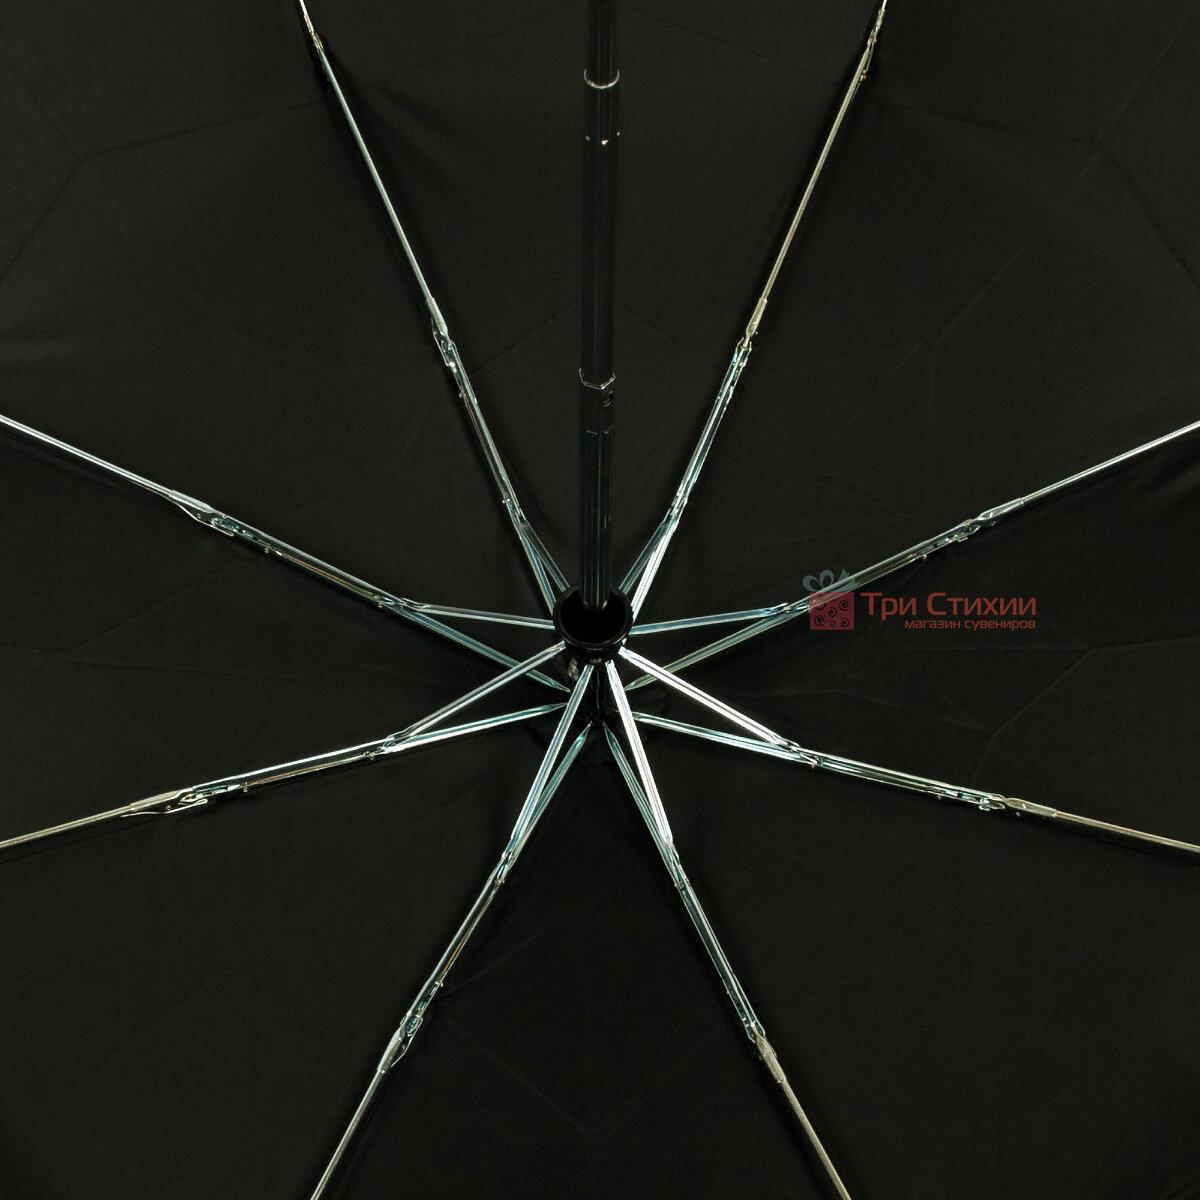 Зонт складной Fulton Open & Close-11 G820 Black полный автомат Черный (G820-003152), фото 6